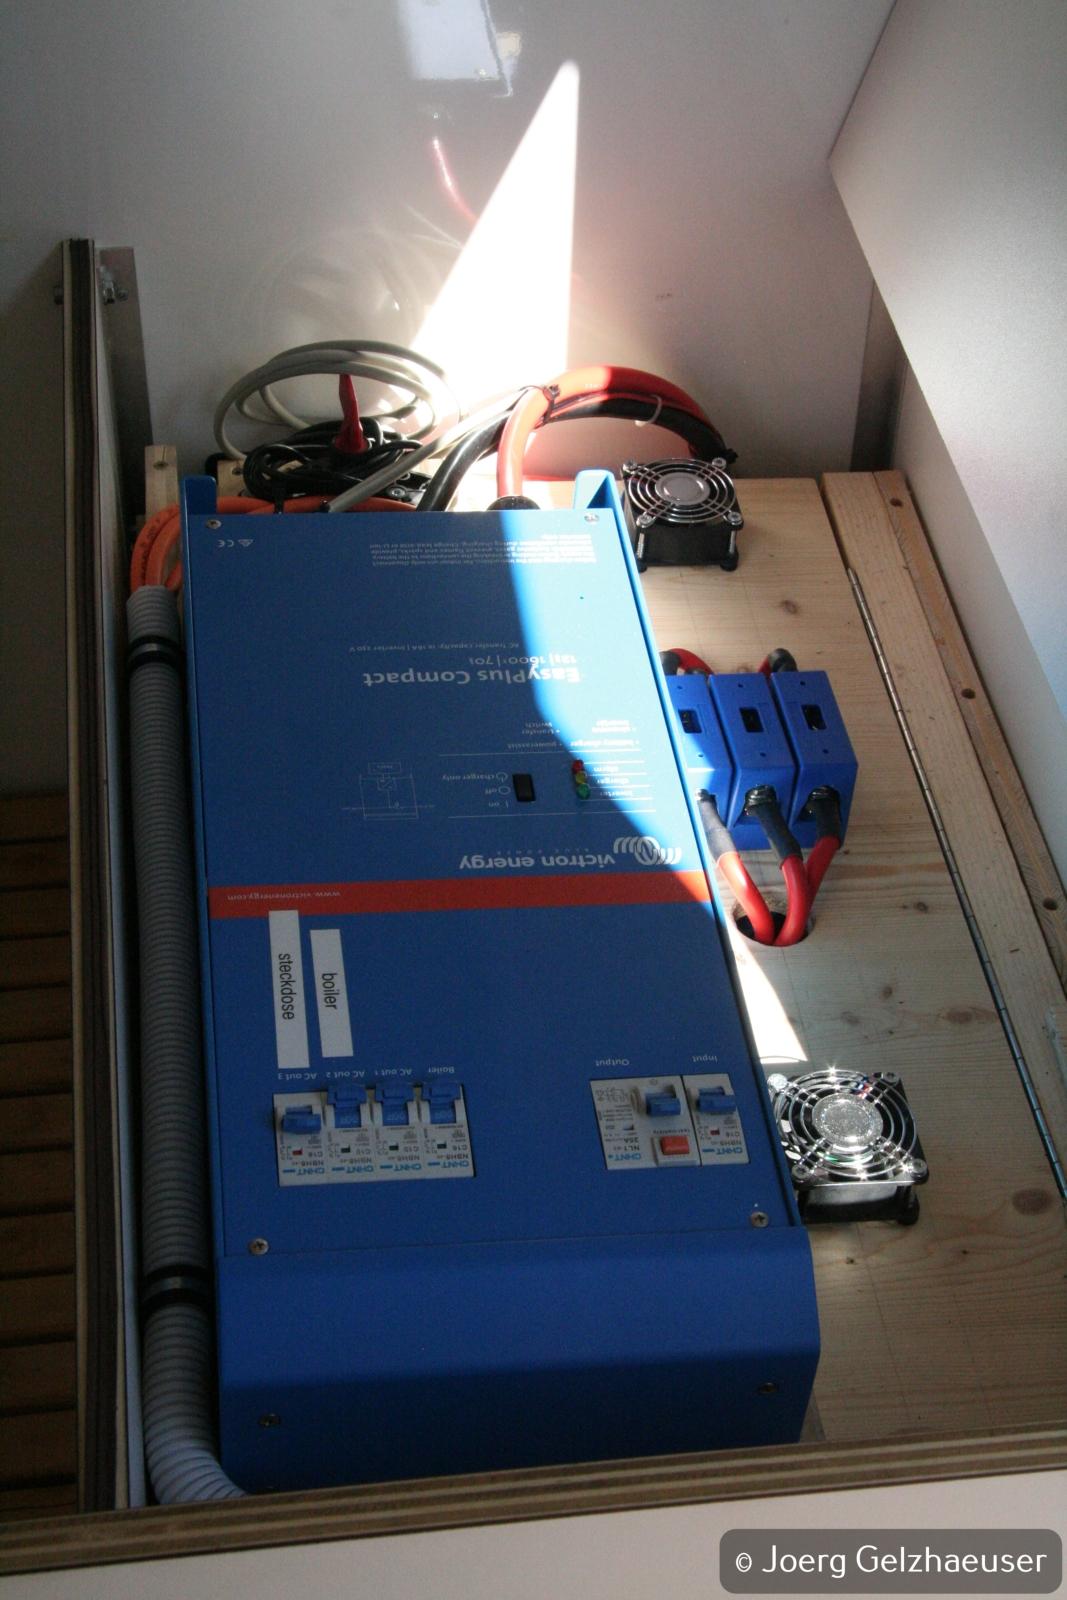 Unimog - Das universelle Motor-(Fernreise)-Gerät - 1600VA Wechselrichter mit Batteriehauptschalter, Sicherungen und temperatur-gesteuerten Lüftern.